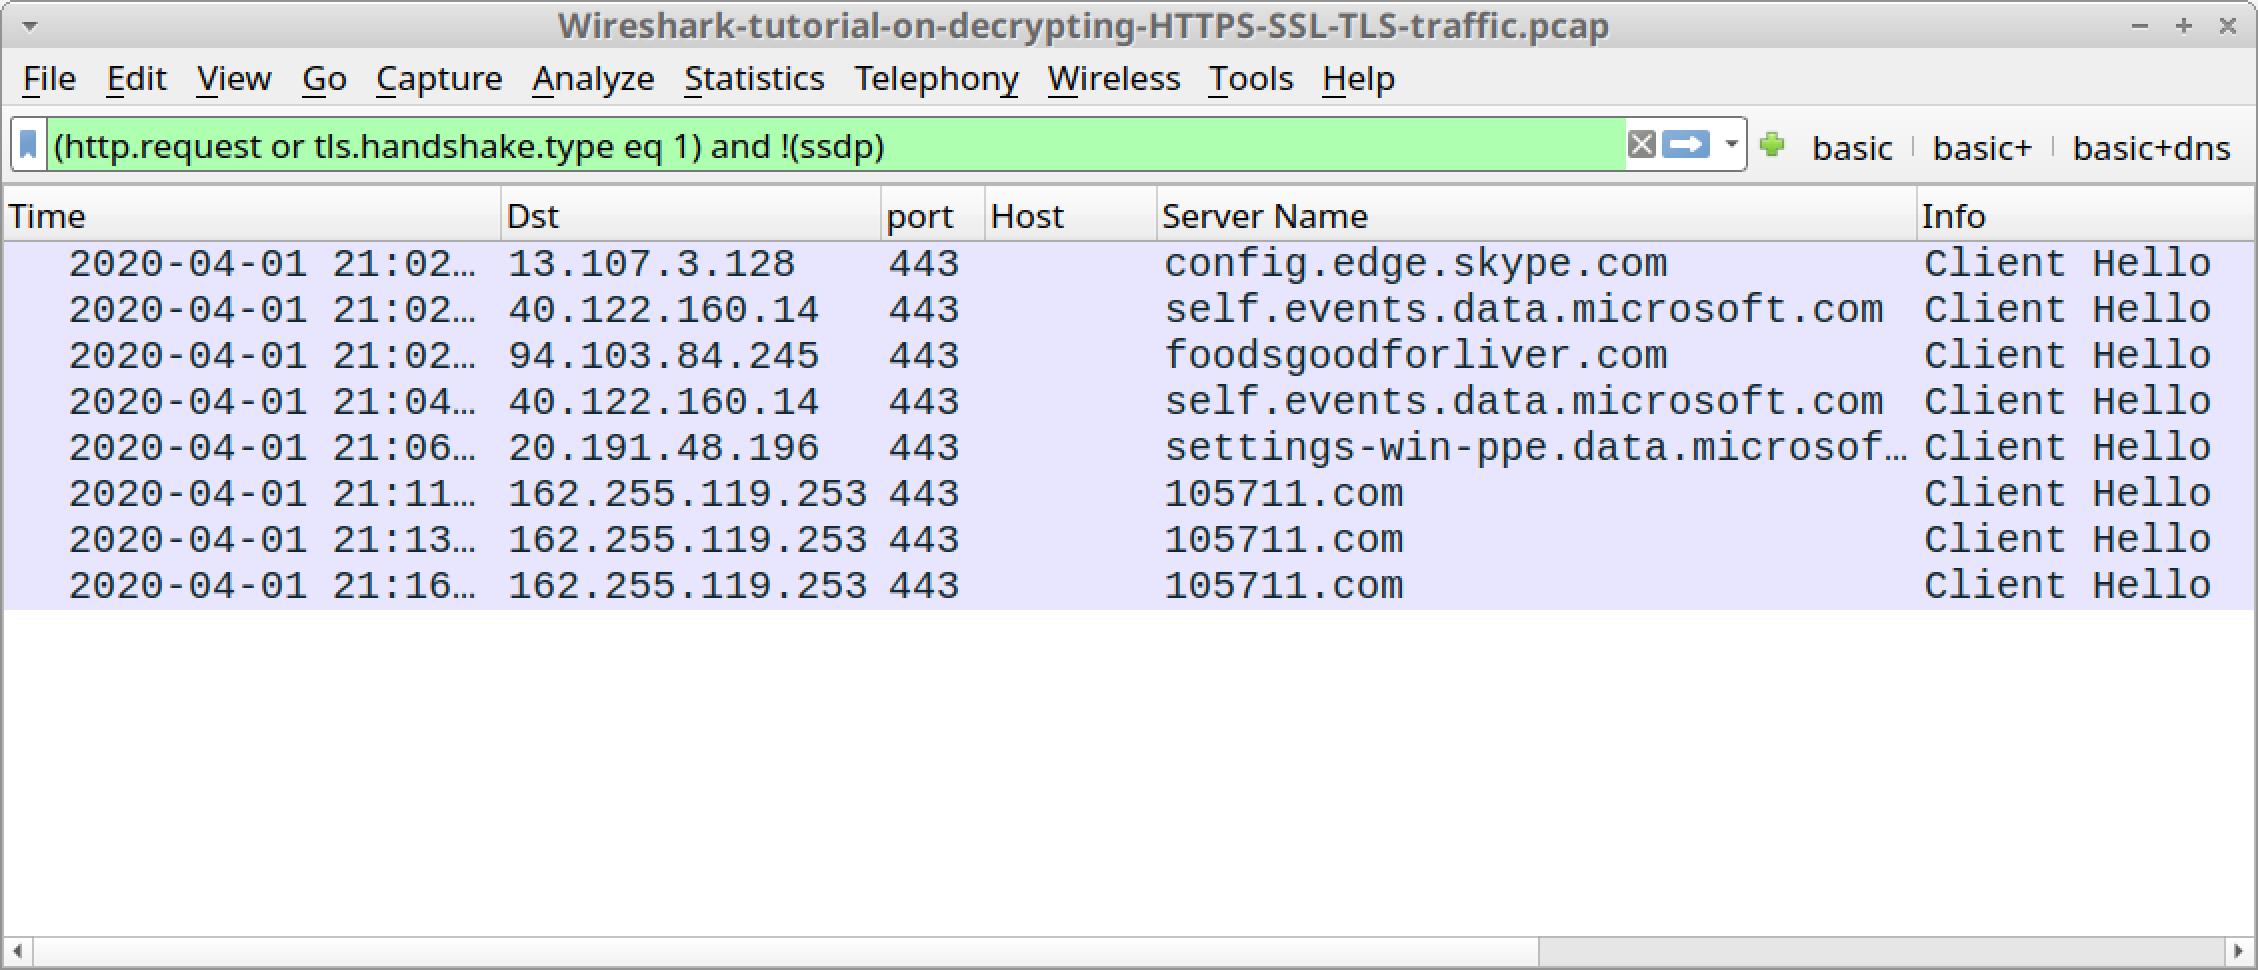 Wireshark-tutorial-on-decrypting-HTTPS-SSL-TLS-traffic.zip のスクリーンショット。チュートリアル用の pcap の HTTPS トラフィックをキー ログ ファイルによる復号化処理なしで閲覧した場合の見えかたを示したところ。